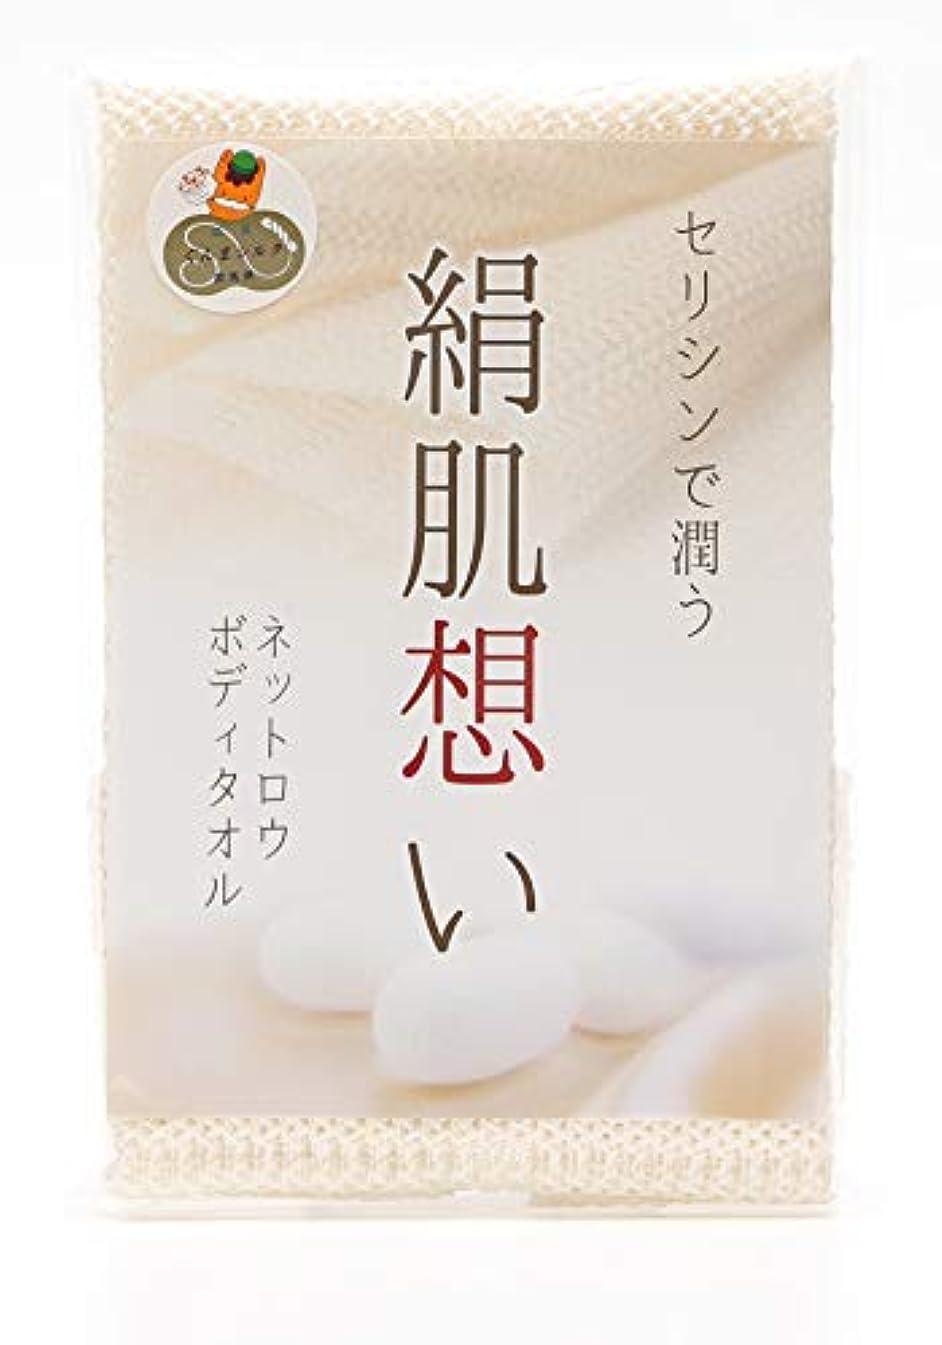 ブローホール姿勢ネコ[ハッピーシルク] シルクボディータオル 「絹肌想い 」浴用ボディタオル セリシンで潤う シルク100% ネットロウ